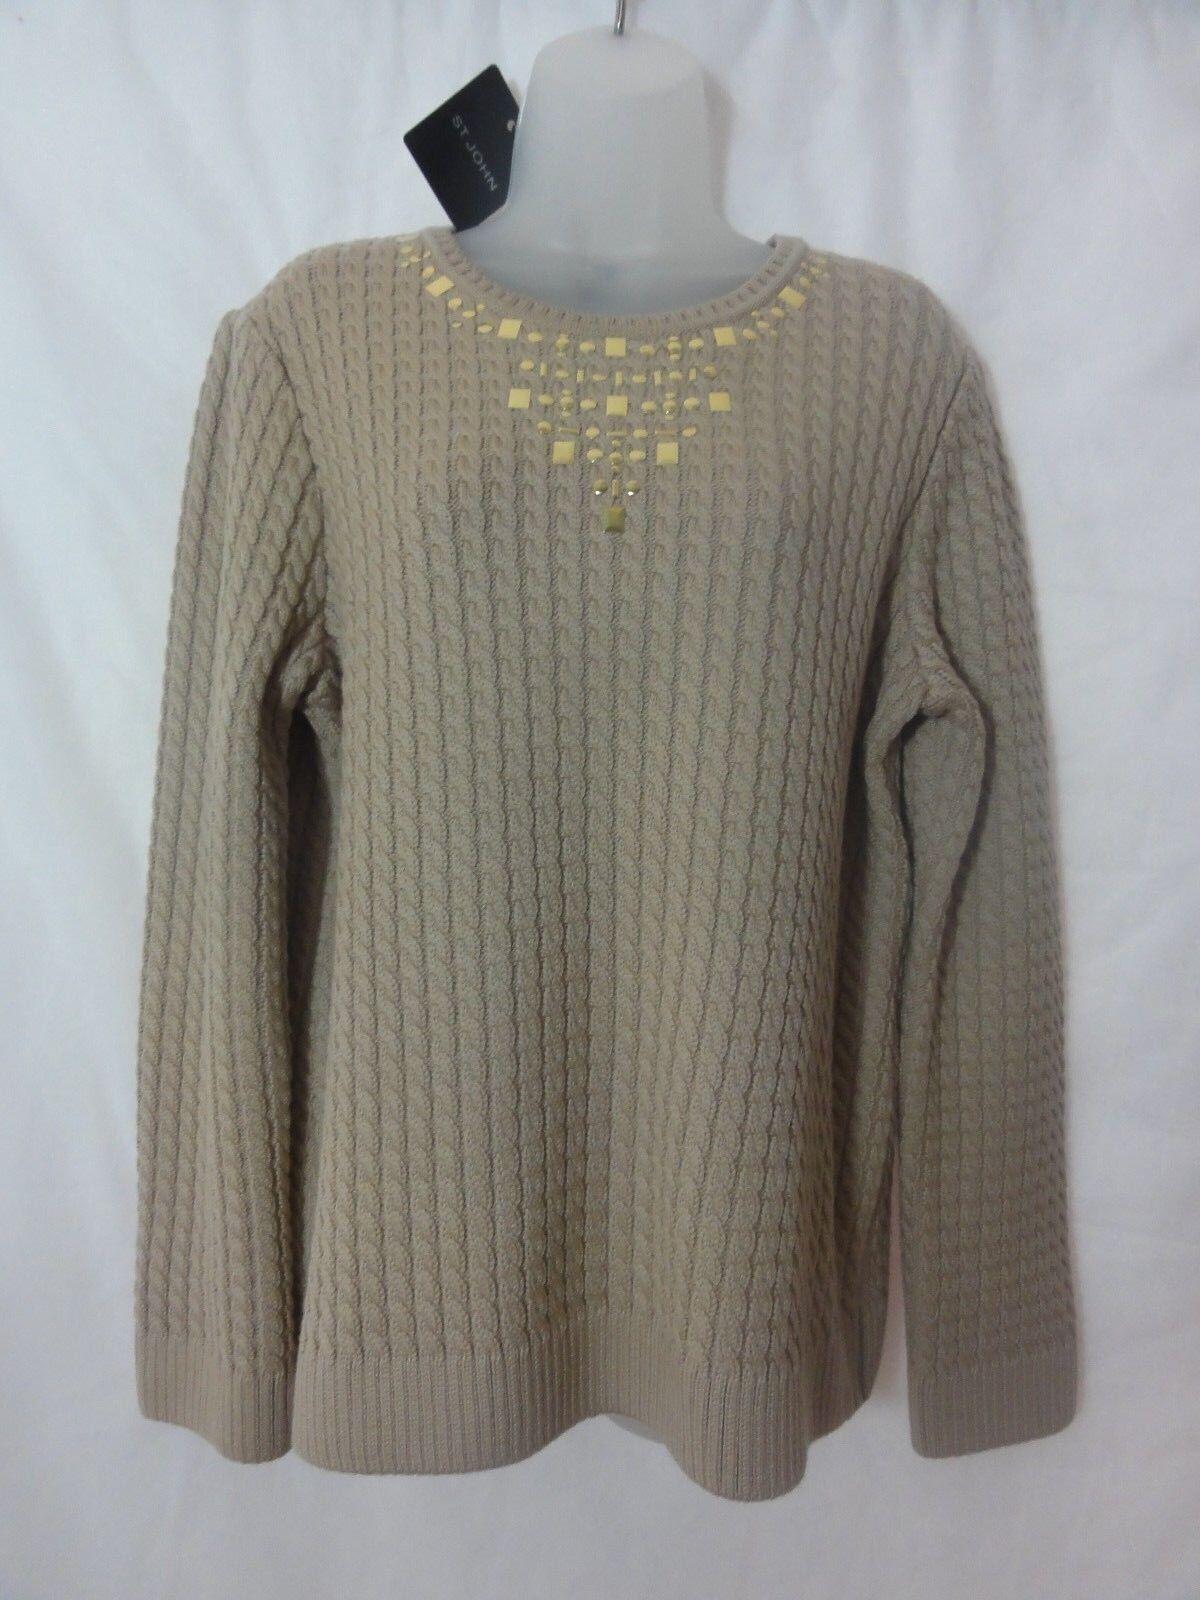 St. John Sport para Mujer  Suéter Tejido De Cable De Mezcla De Lana Beige Talla Grande Nuevo Con Etiquetas  755  Sin impuestos